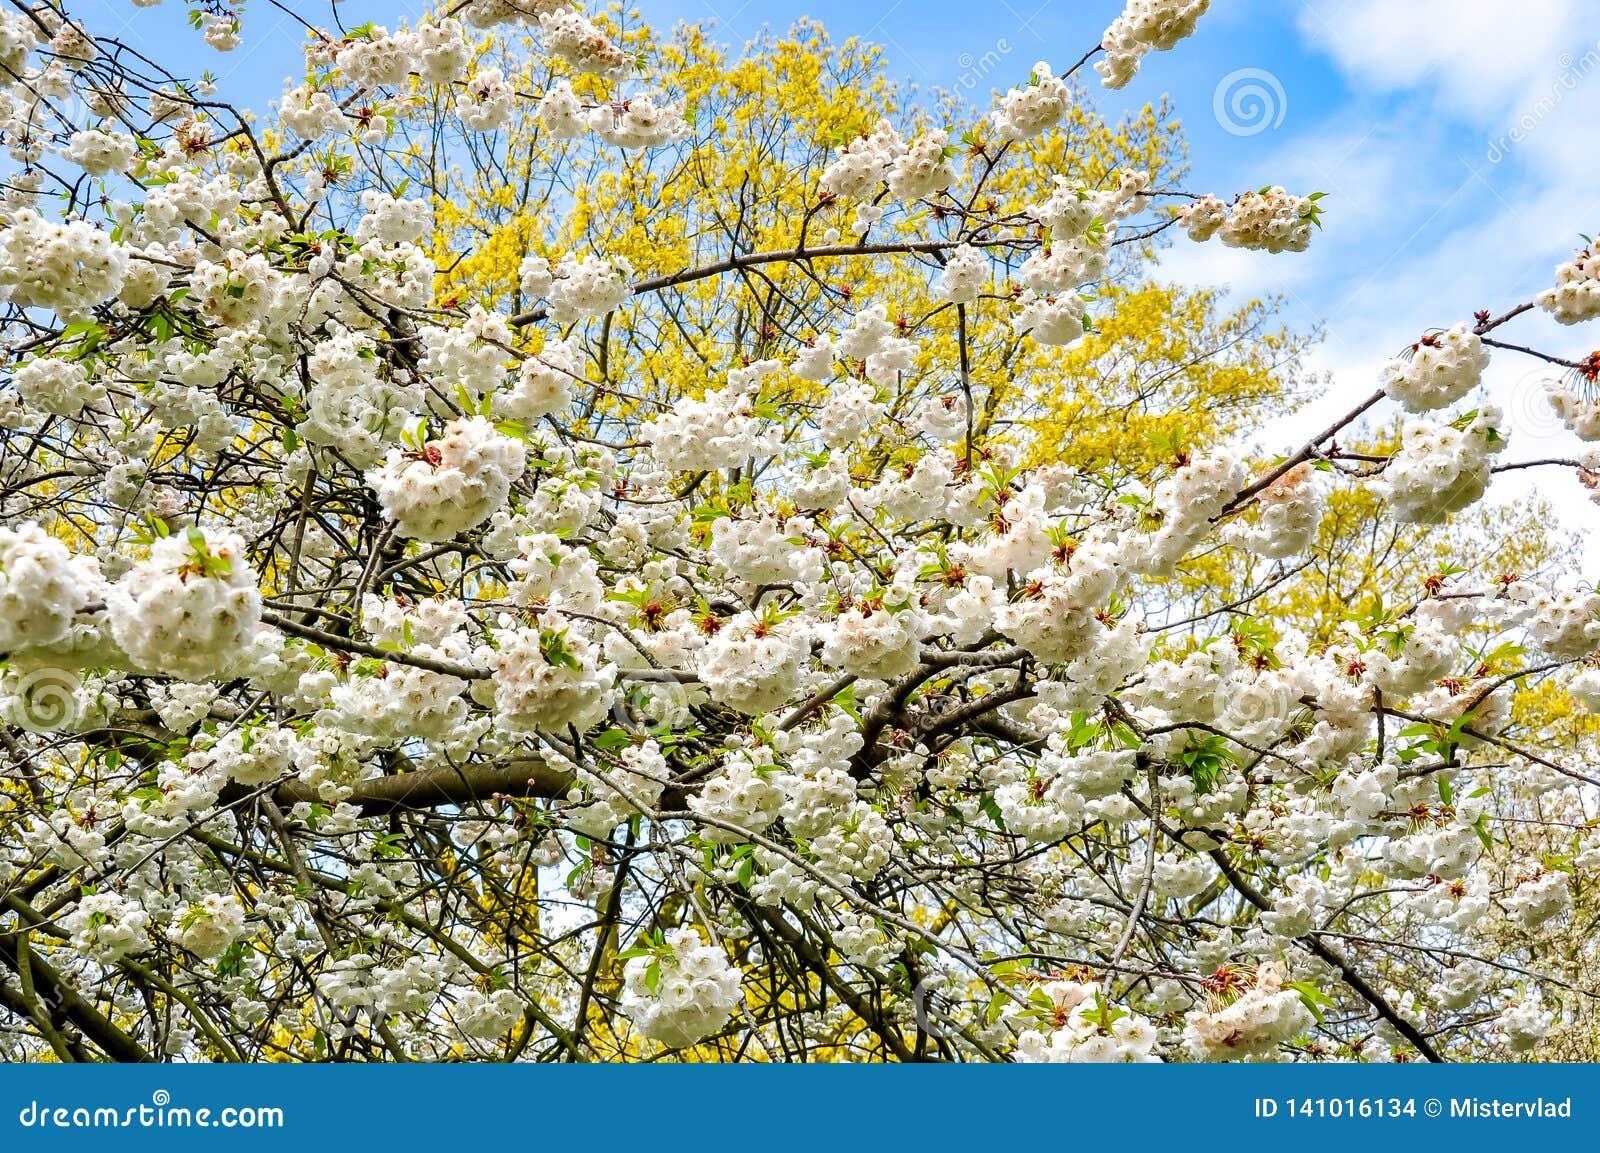 Kew botanische tuin in de lente, Londen, het Verenigd Koninkrijk